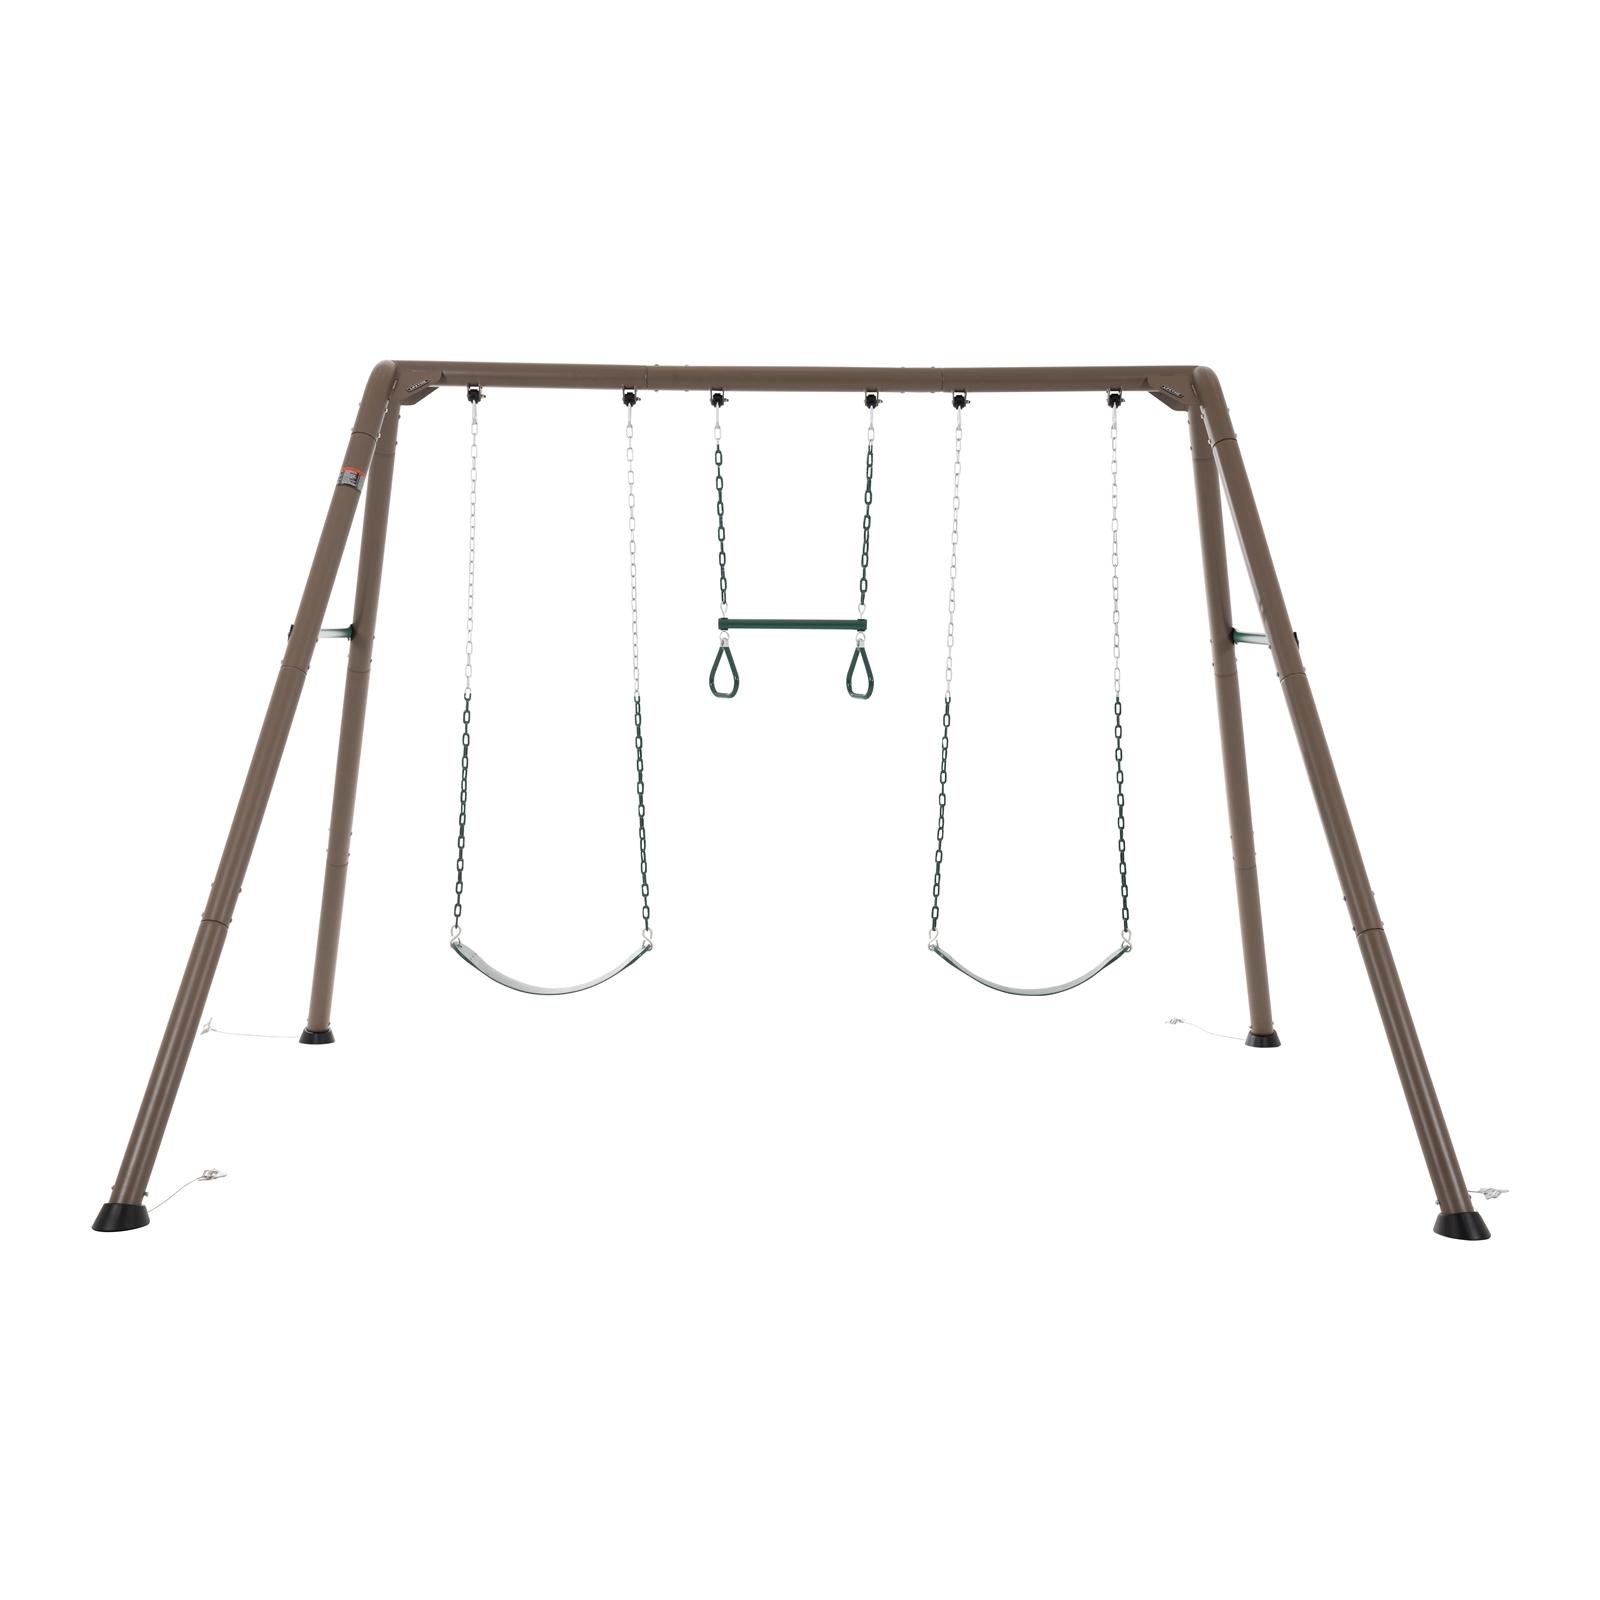 Swing Slide Climb Lifetime Heavy Duty 3 Swing Set